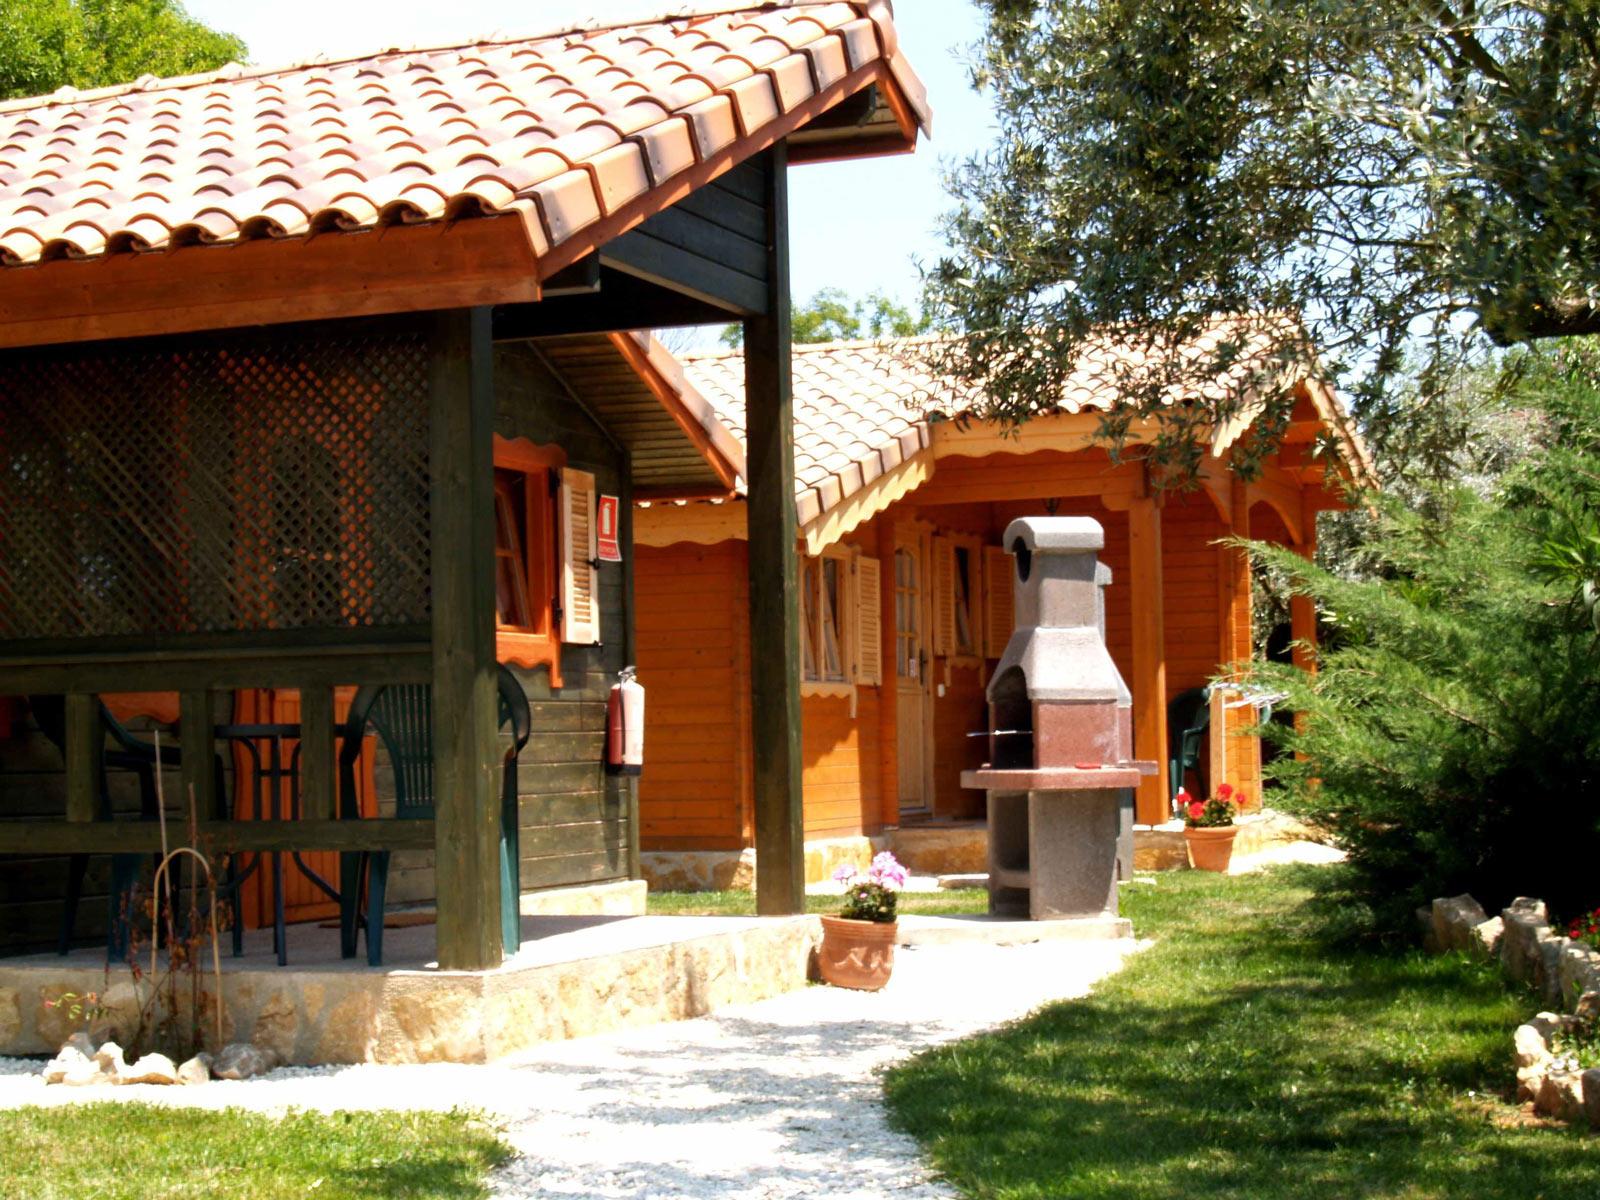 Casas rurales de madera en valencia con jacuzzi y spa - Casas de madera valencia ...